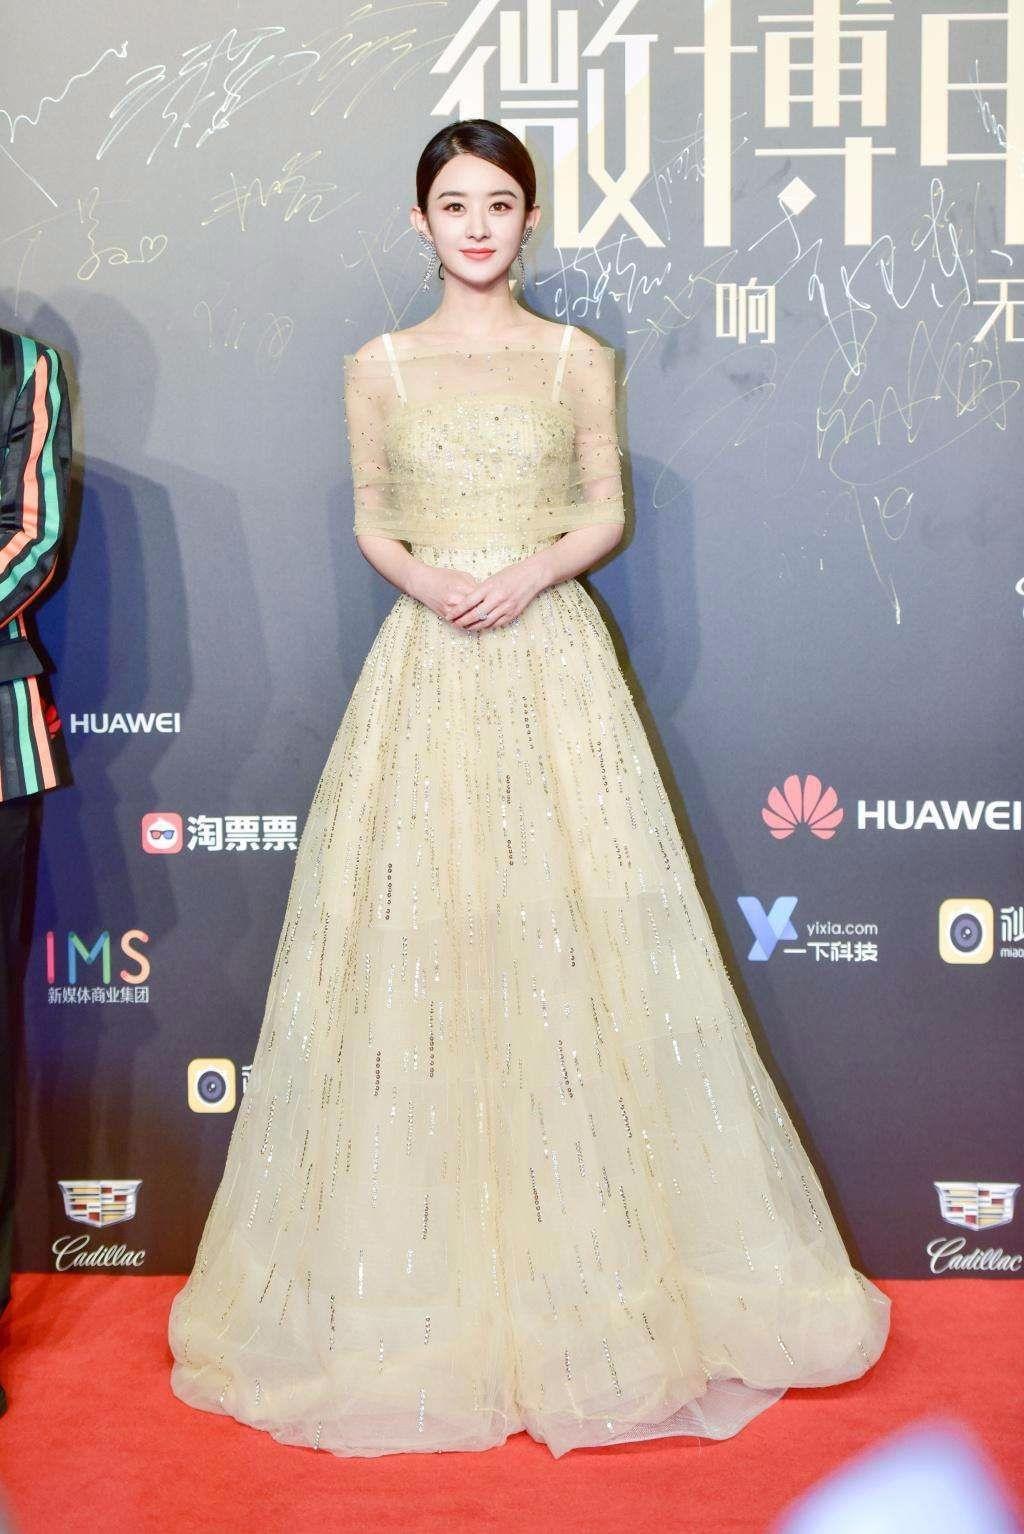 韩国女神泫雅撞衫赵丽颖完败自然脸就让泫雅比不上_七星彩明月珰